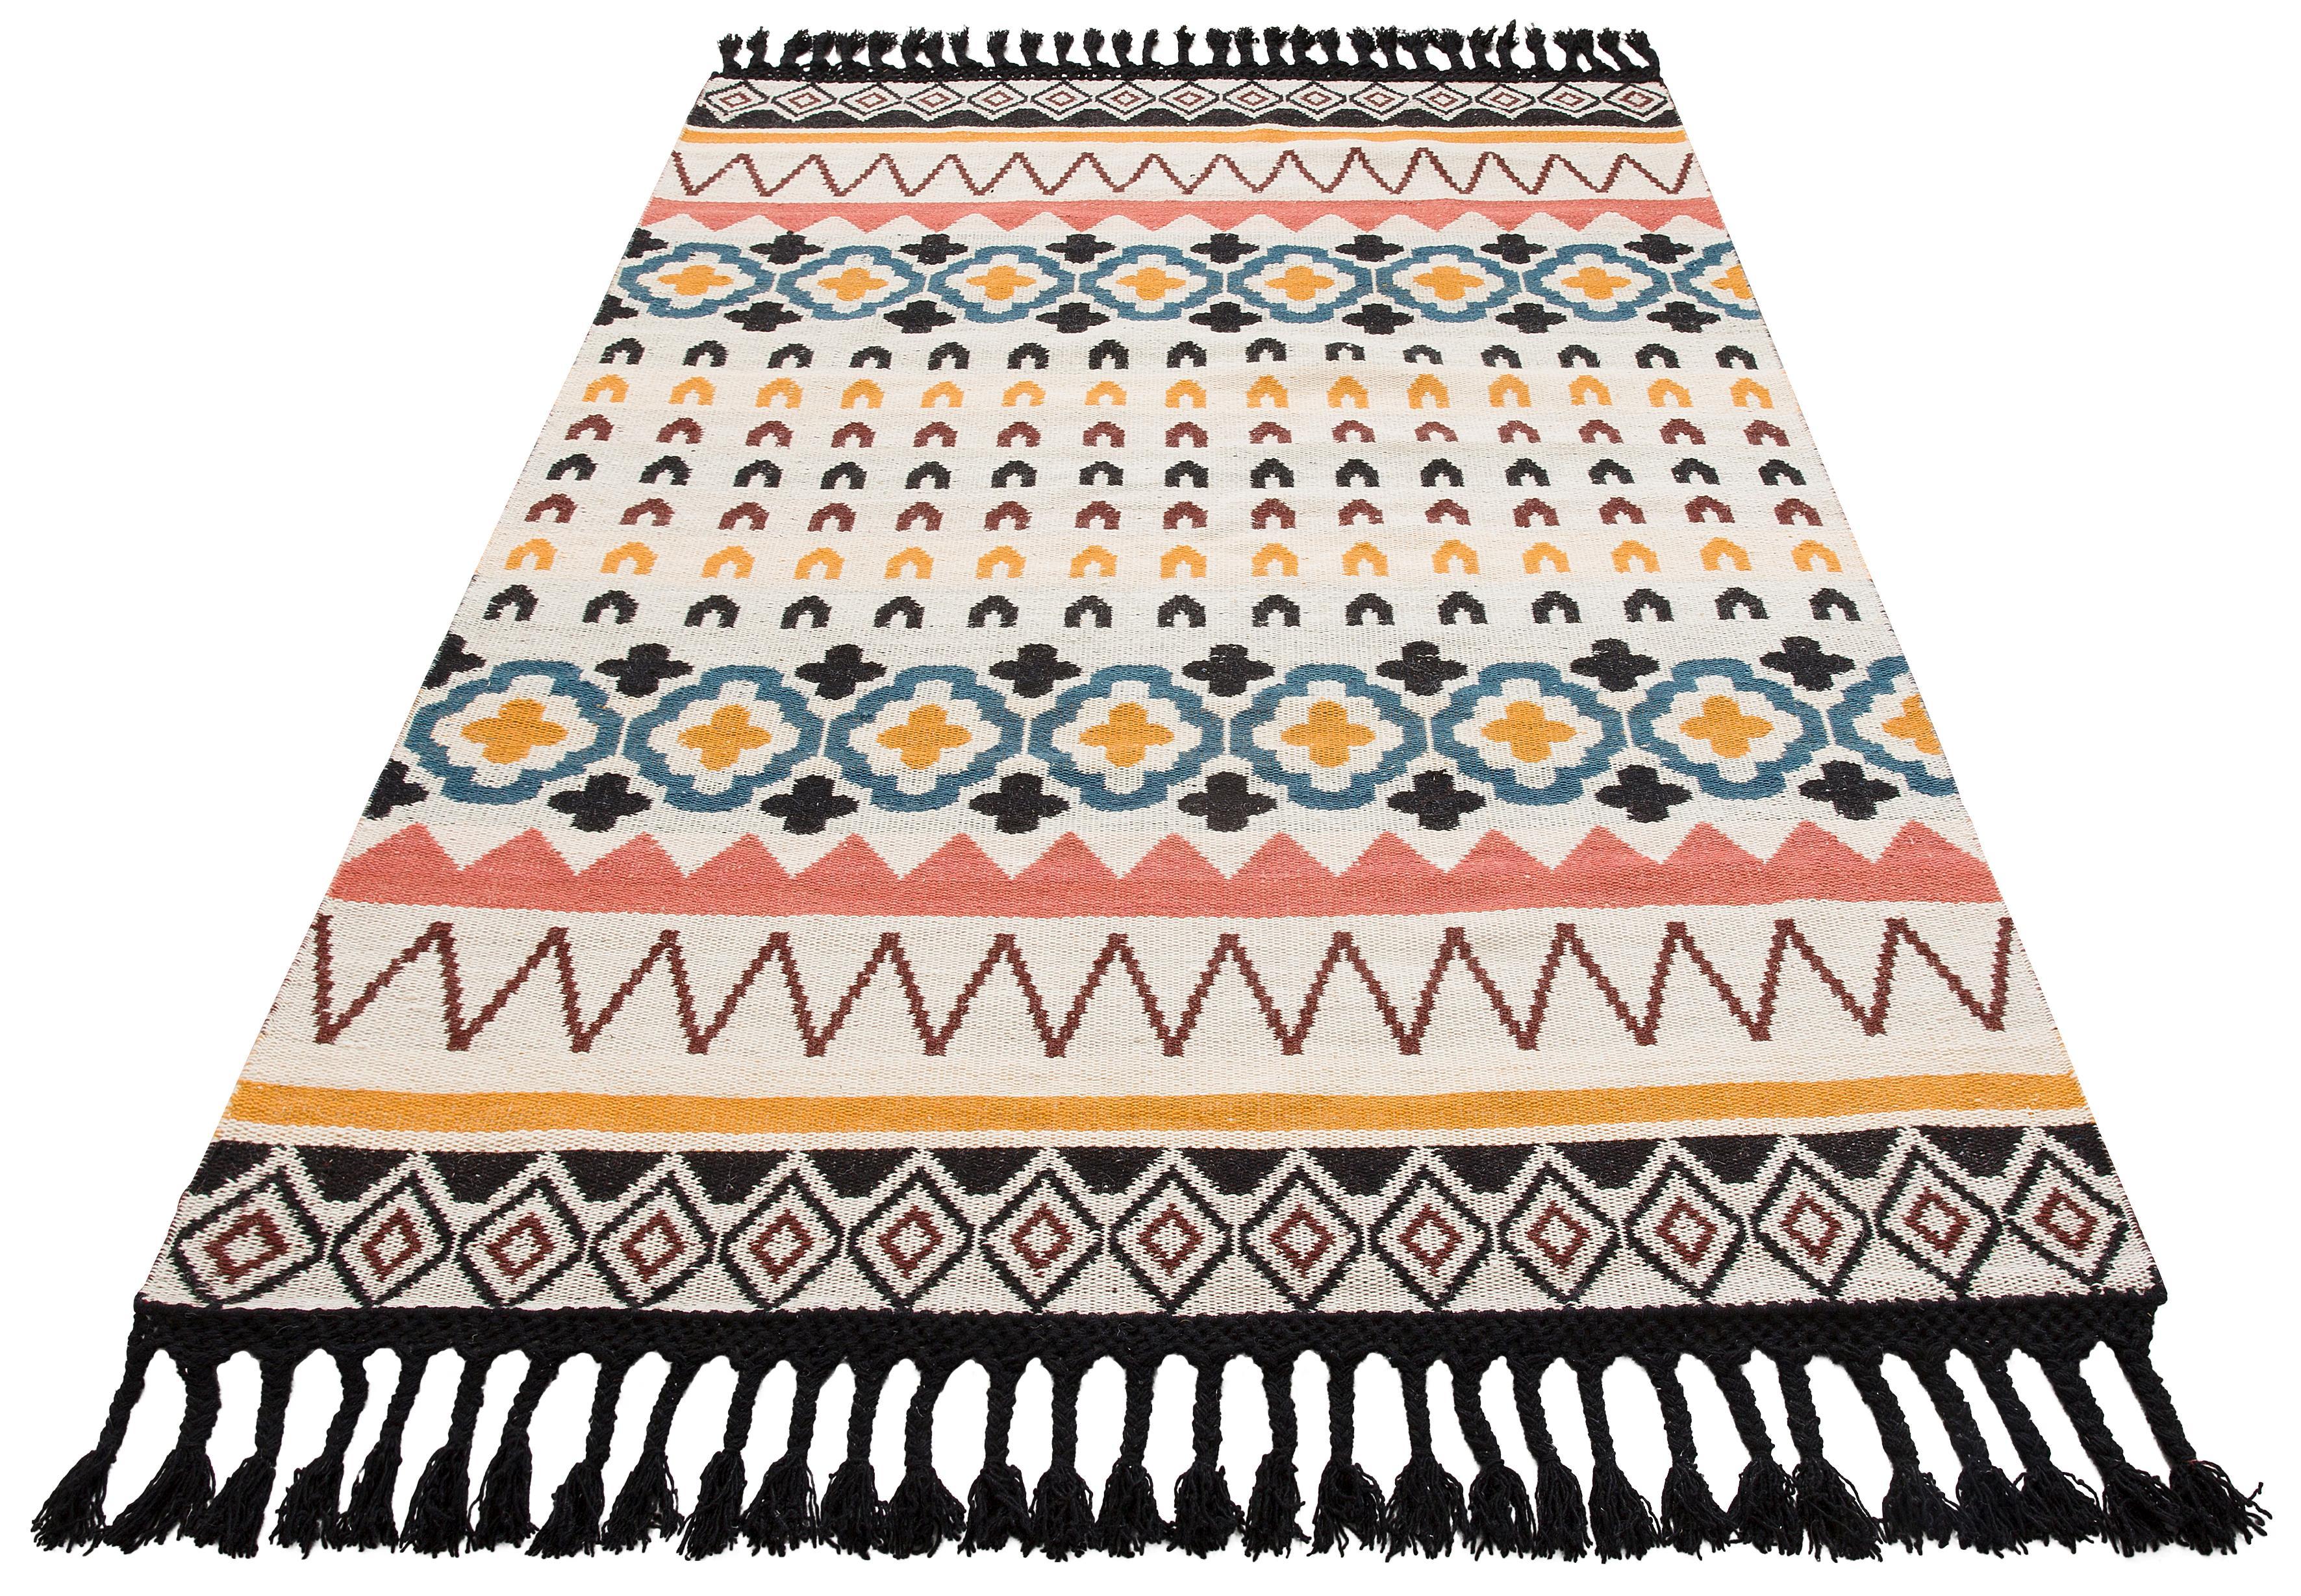 Teppich Peru Guido Maria Kretschmer Home&Living rechteckig Höhe 6 mm handgewebt